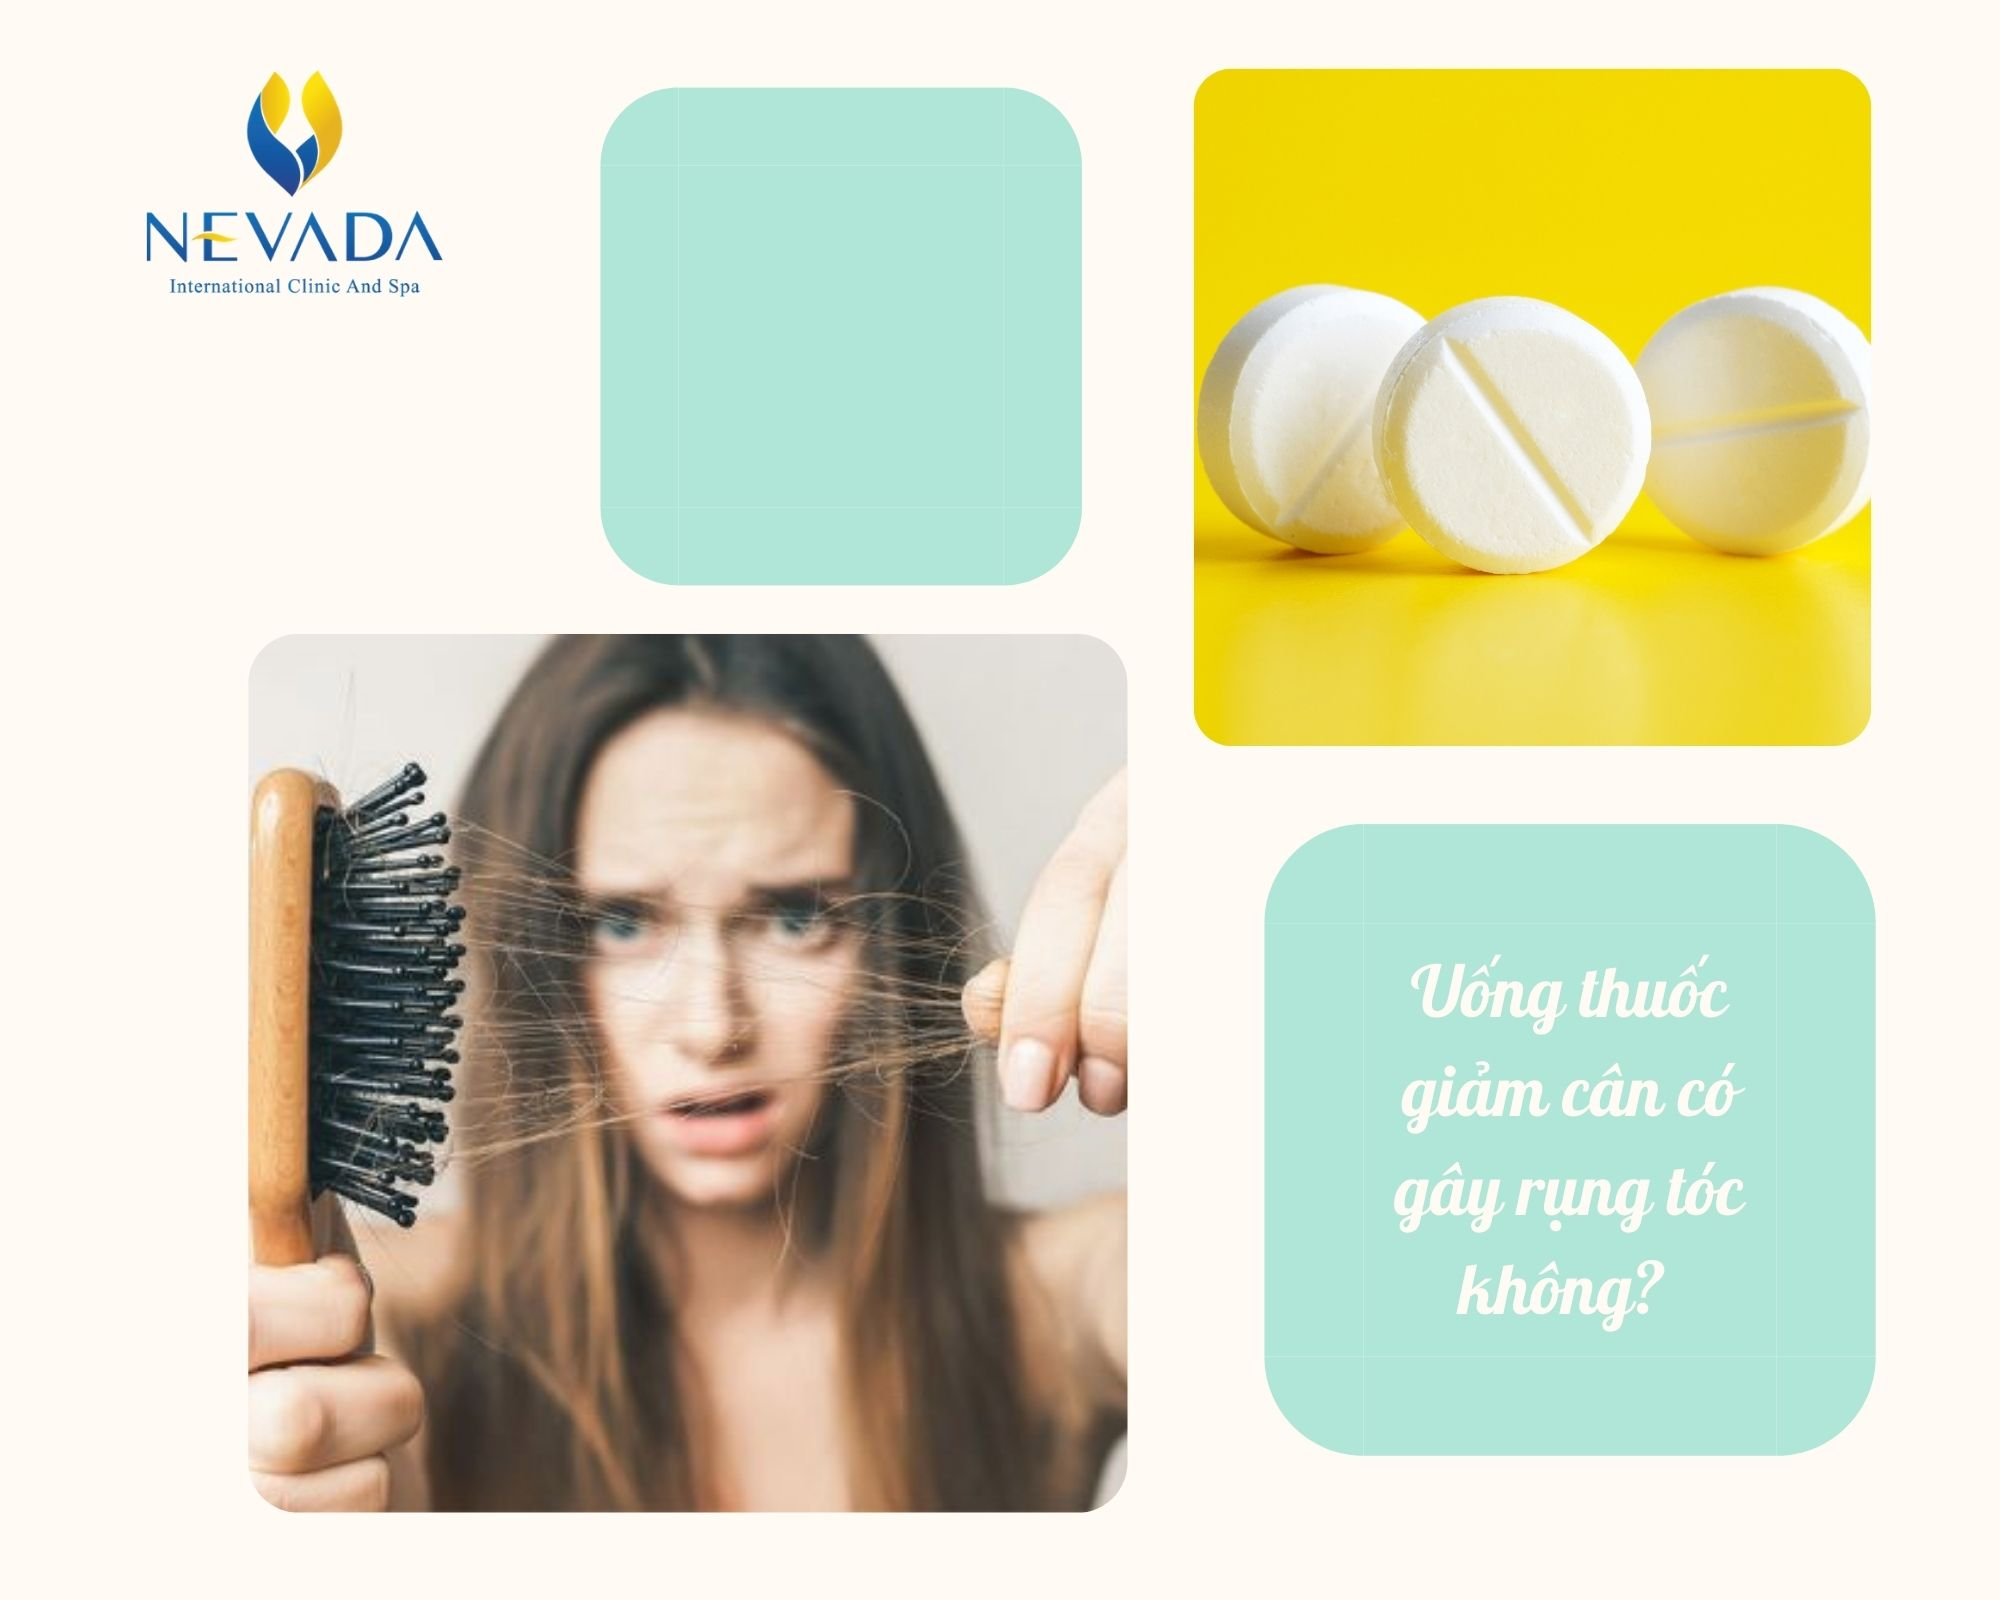 uống thuốc giảm cân bị rụng tóc, Uống thuốc giảm cân gây rụng tóc, Uống thuốc giảm cân có gây rụng tóc, cách giảm cân không bị rụng tóc, Giảm cân đột ngột gây rụng tóc, Thiếu tinh bột gây rụng tóc, Rụng tóc kiêng ăn gì